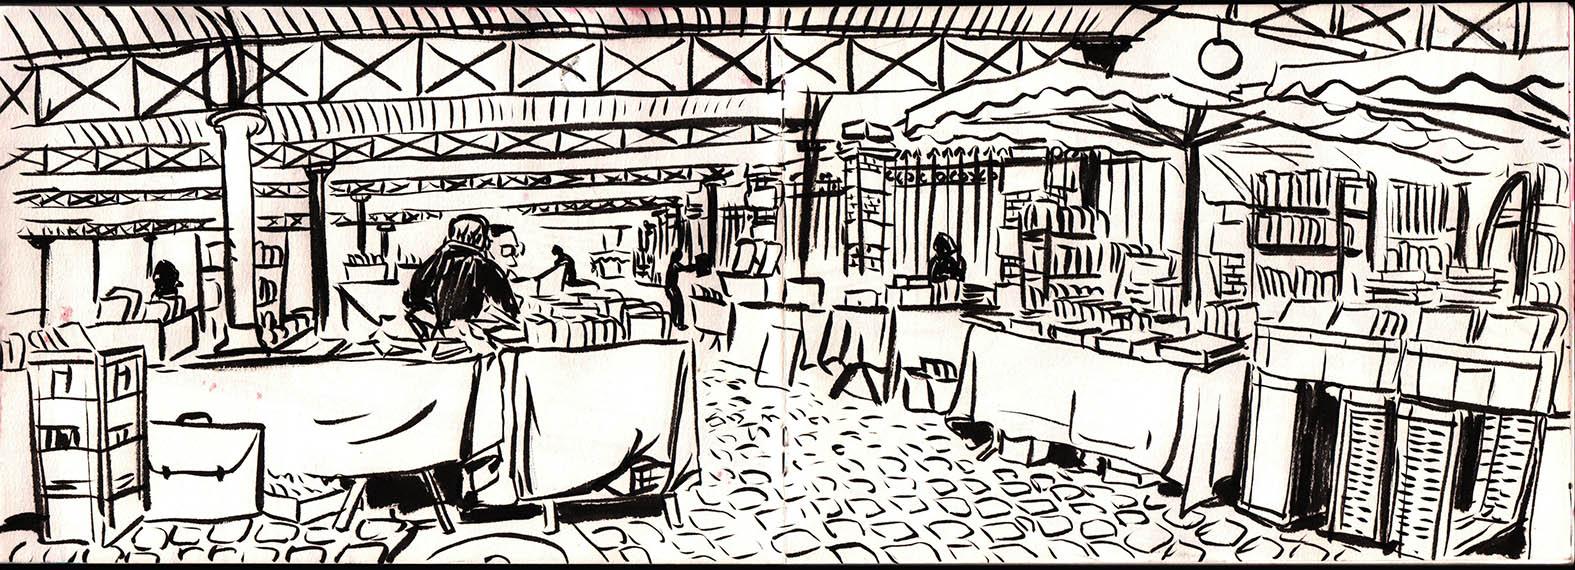 Le marché aux livres à Paris